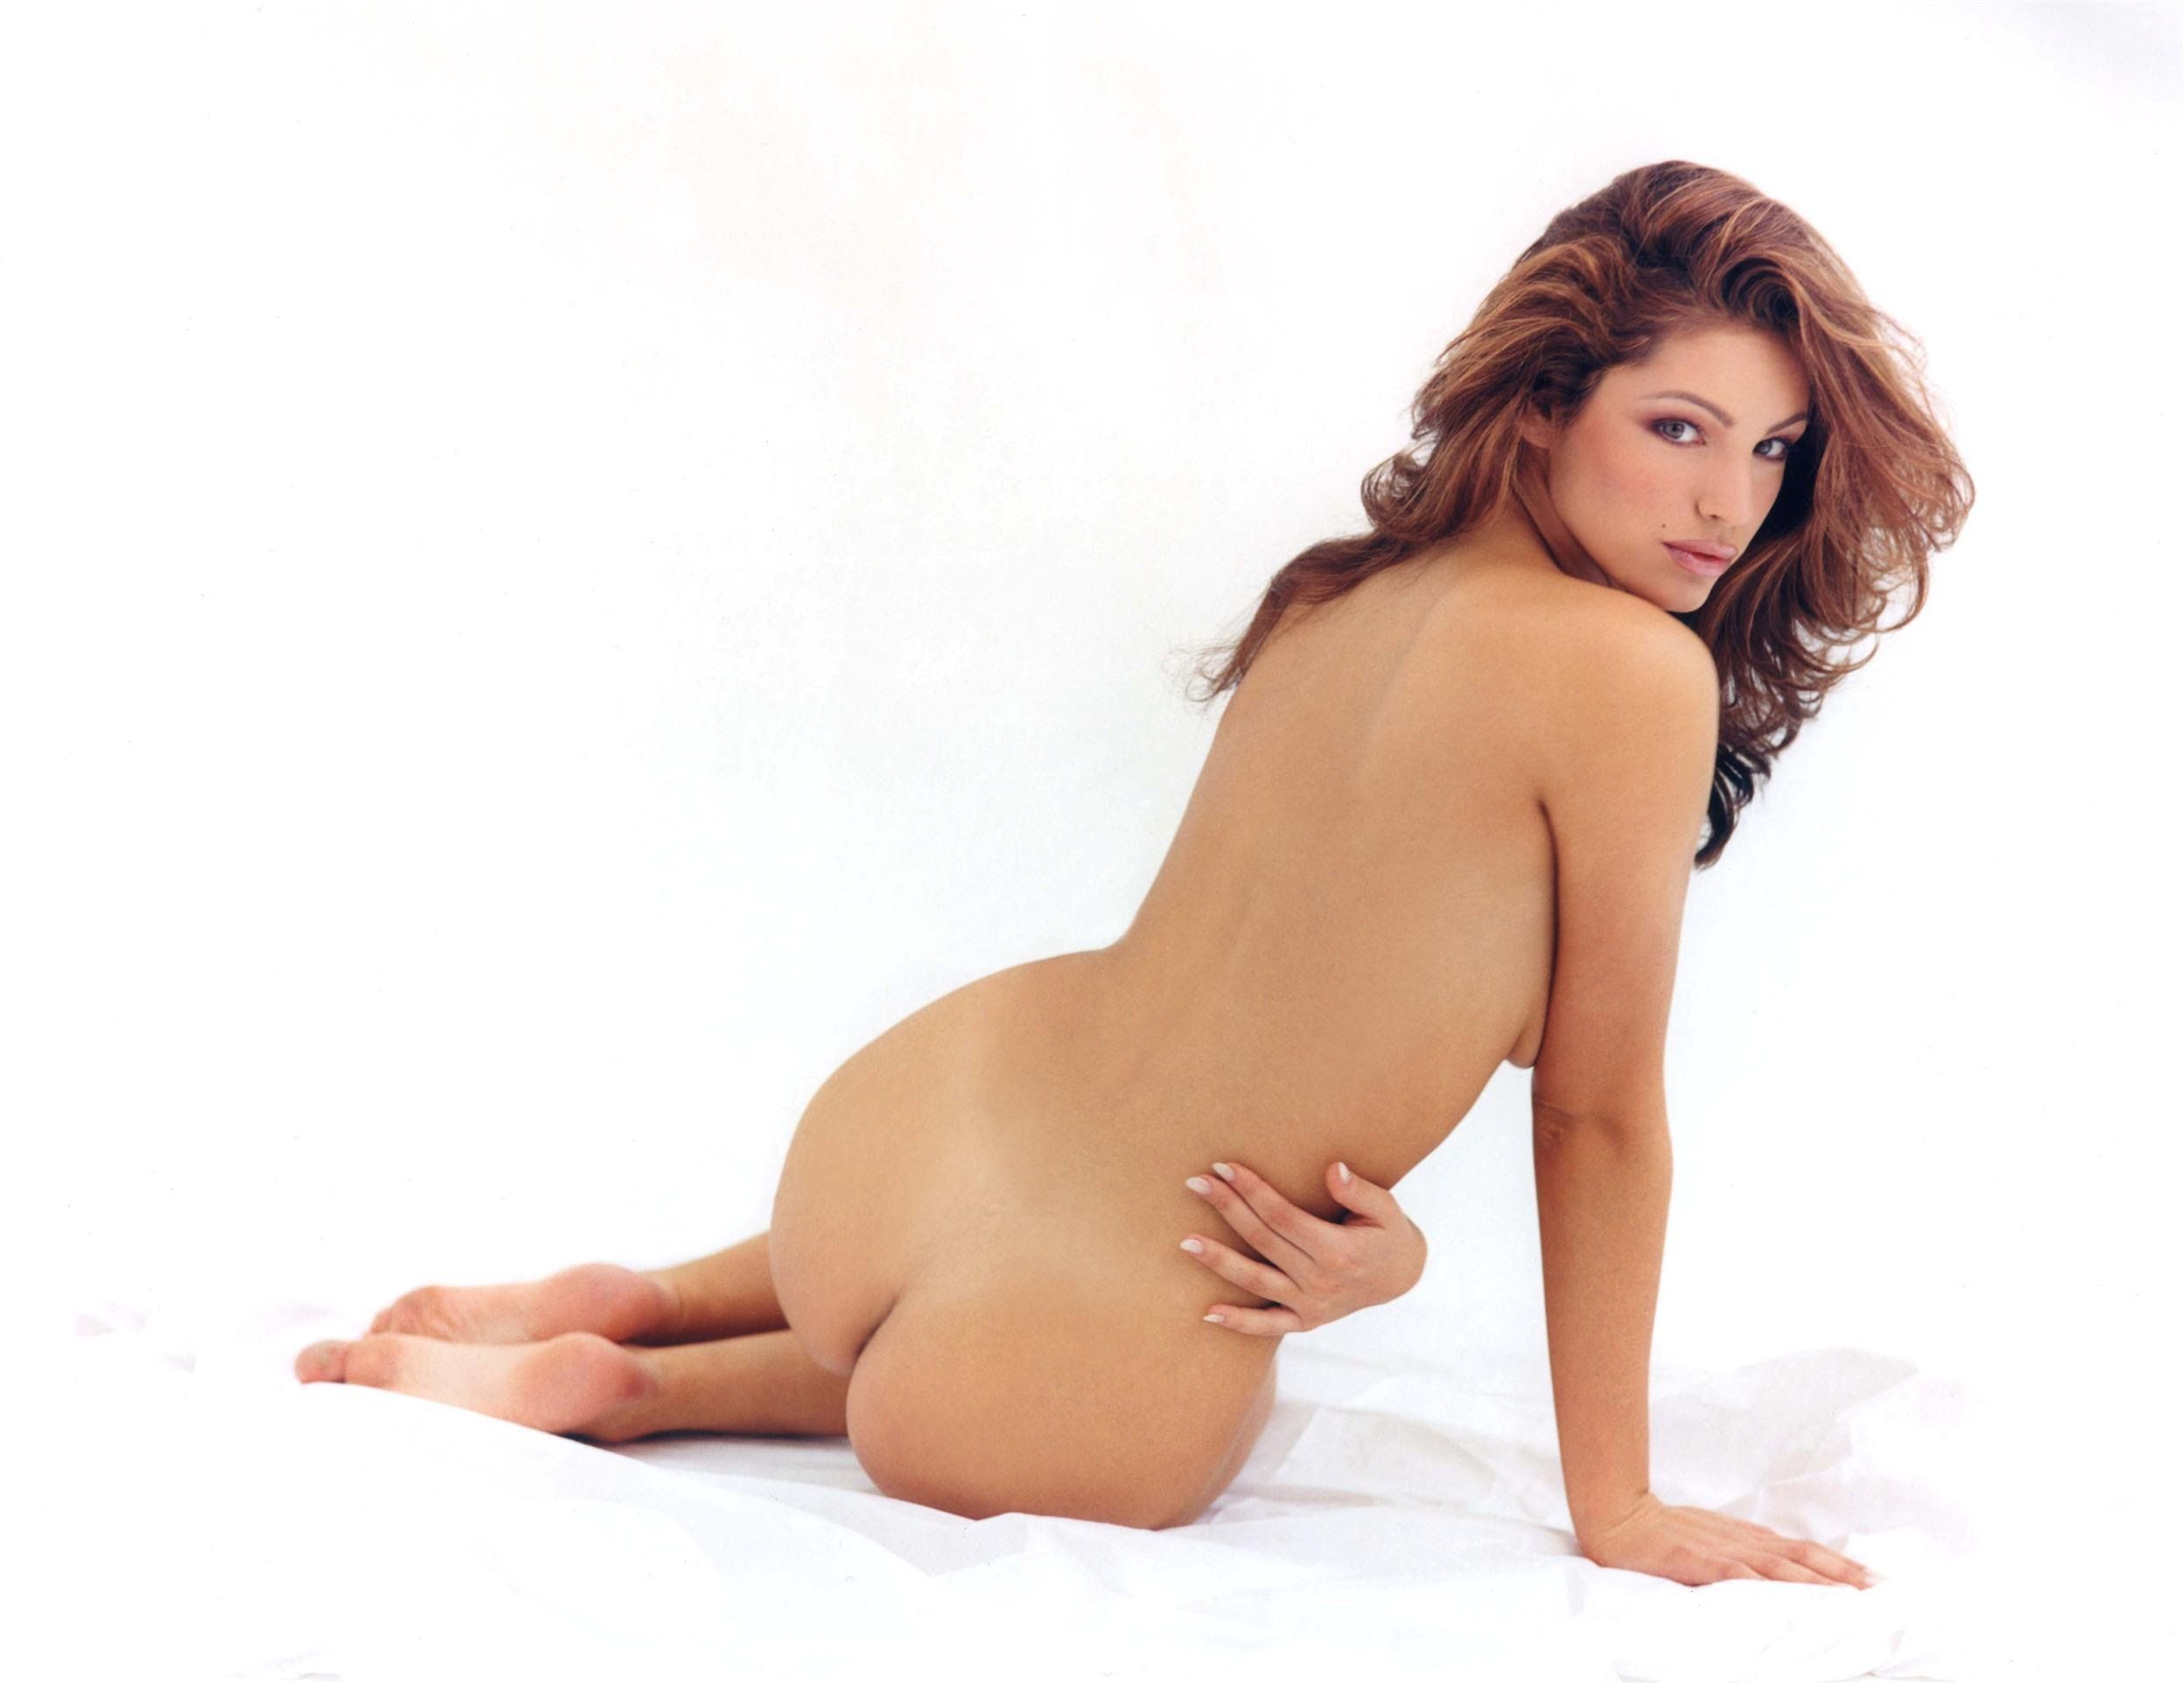 Kelly Brooks Naked Kelly Brook Nude Kelly Brook Nude Pics